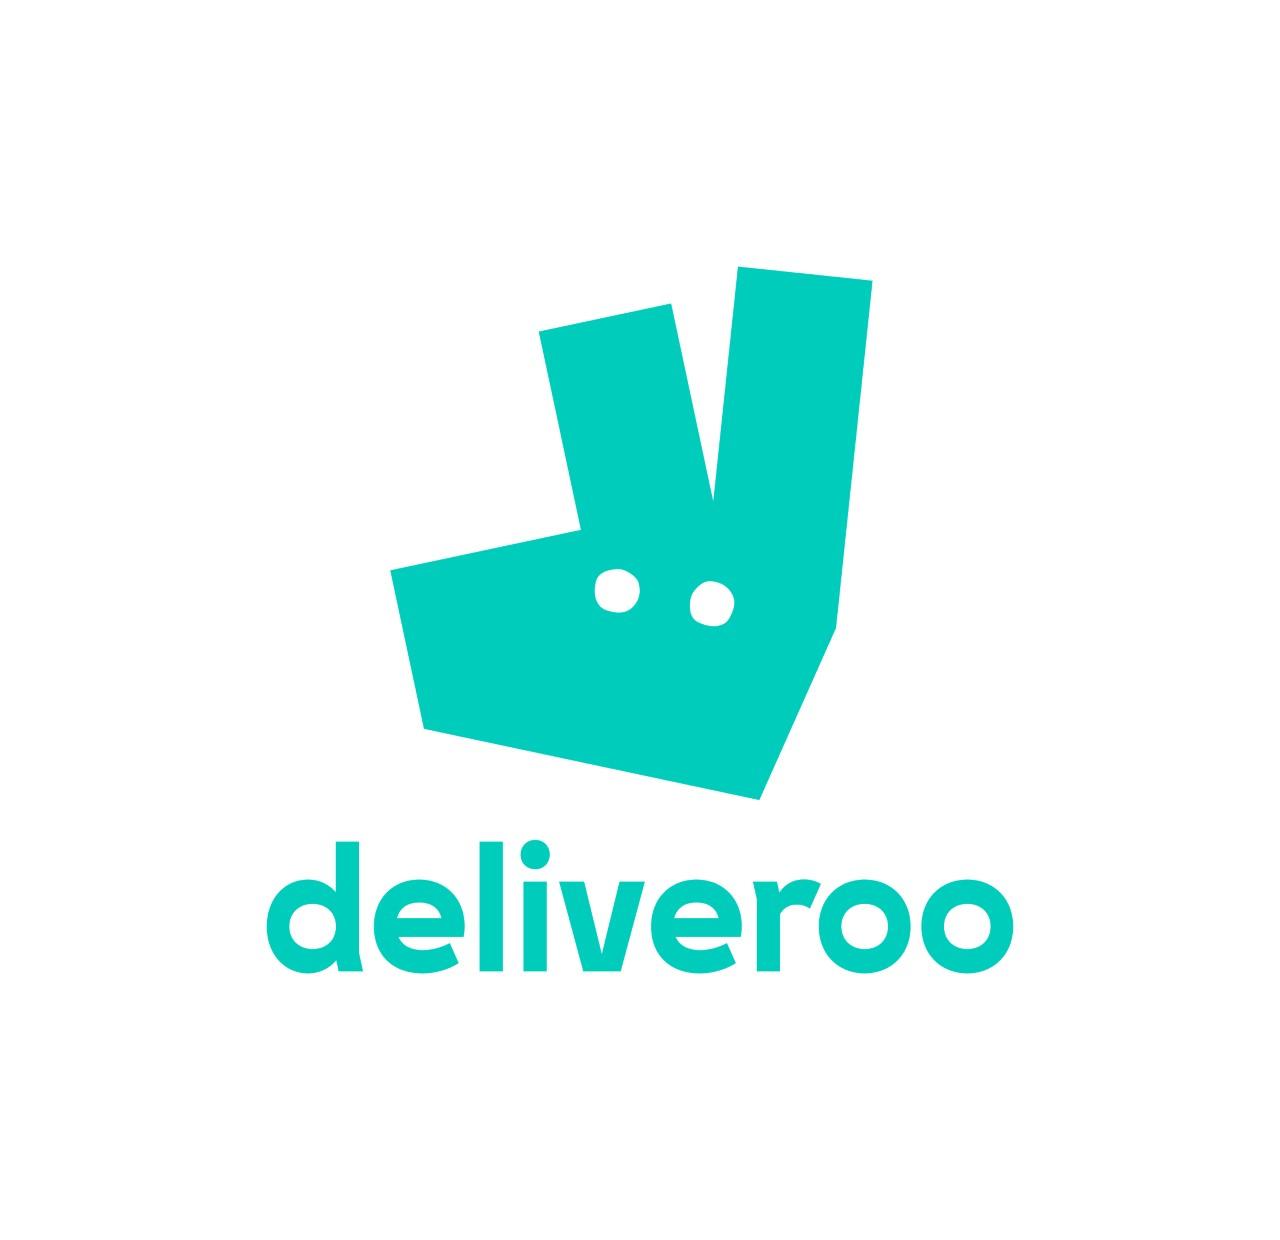 deliveroo logo jpg.png